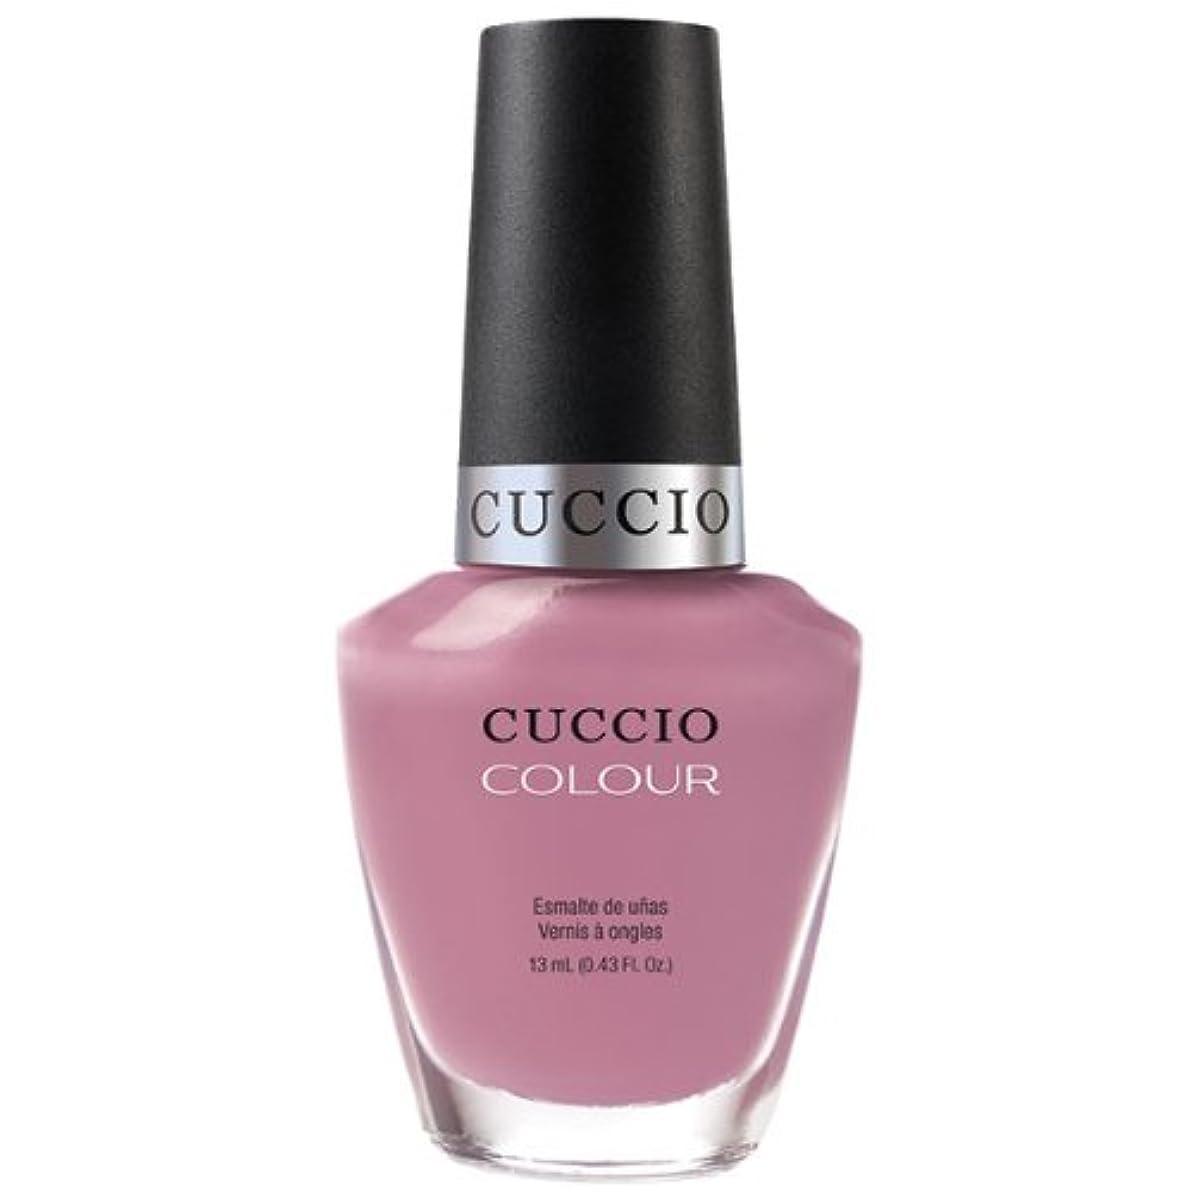 持っているホームレスチャンピオンCuccio Colour Gloss Lacquer - Bali Bliss - 0.43oz / 13ml